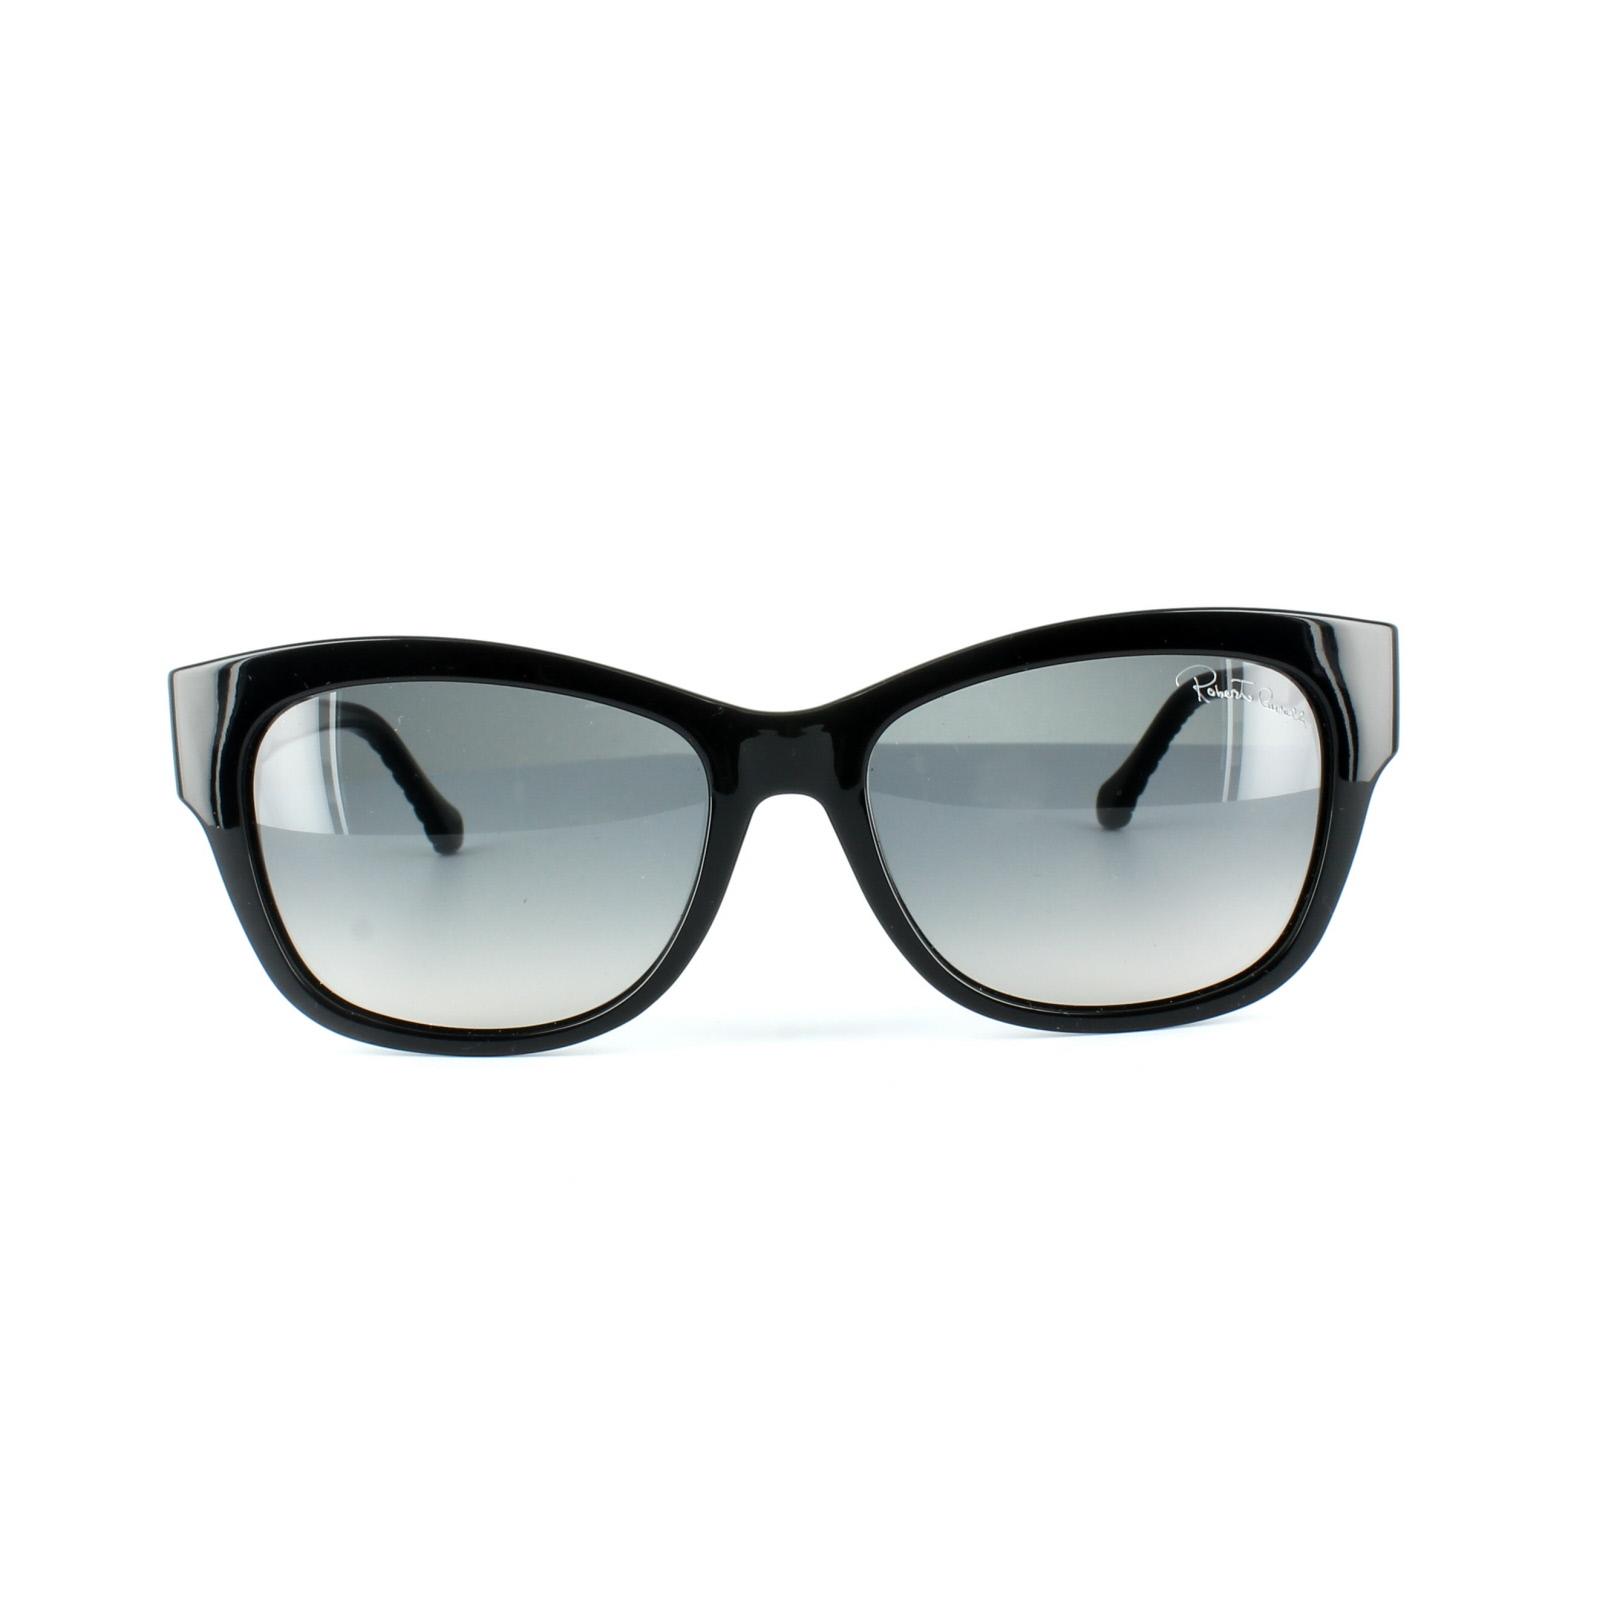 f2149edb12 CENTINELA Roberto Cavalli gafas de sol 01B Acamar 785 degradado brillante  negro gris